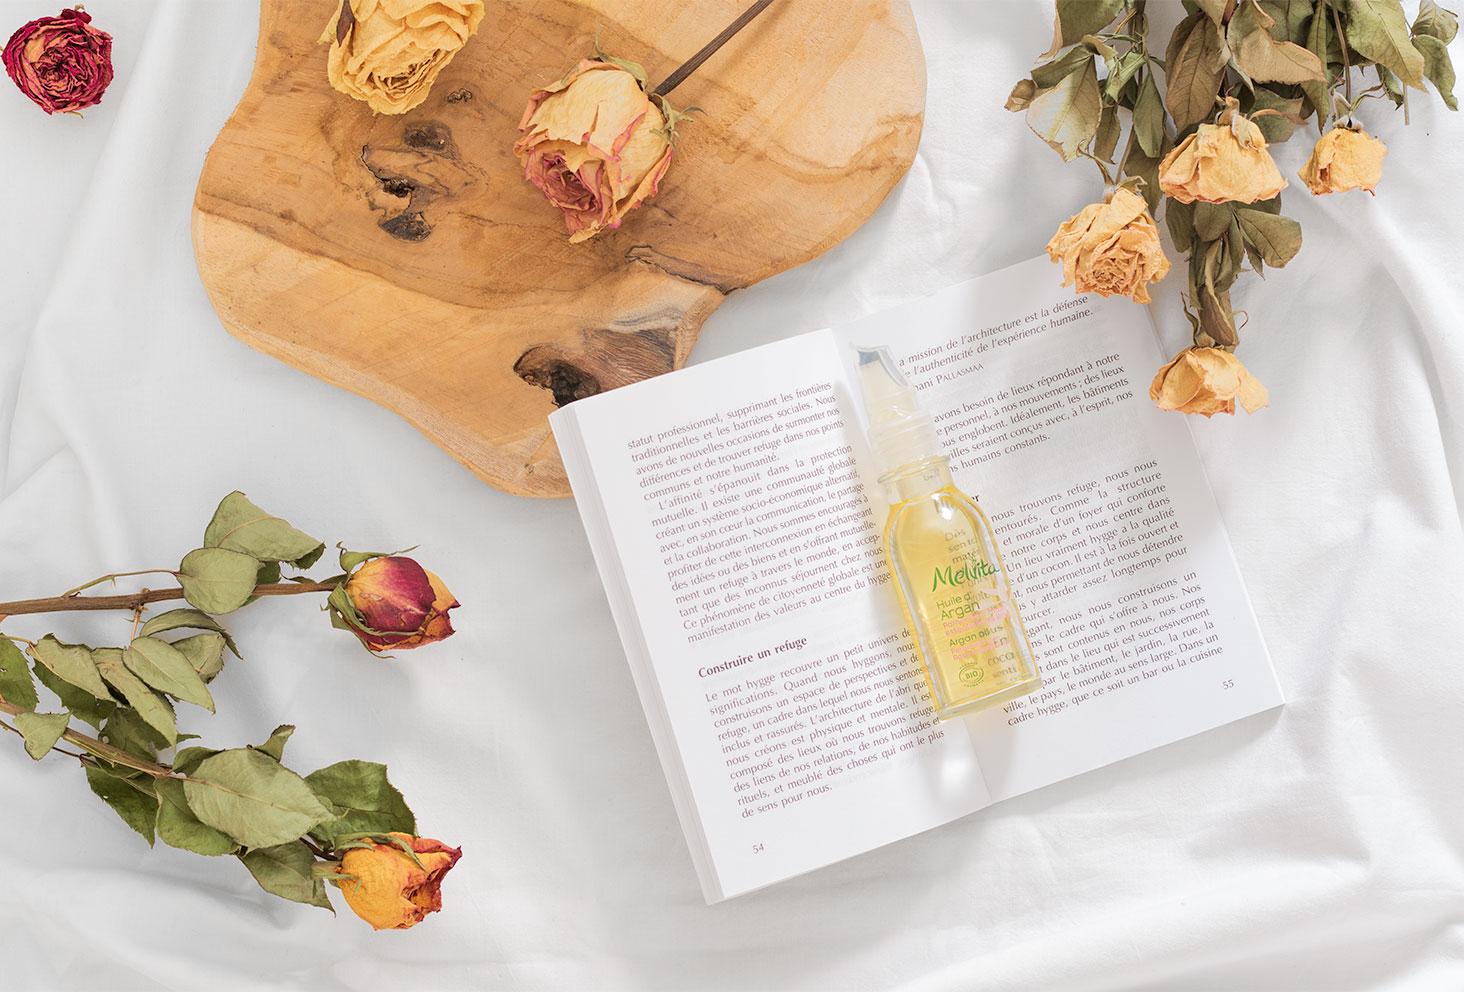 L'huile d'argan à l'huile essentielle de rose de Melvita posée sur un livre ouvert sur un lit au milieu de roses séchées